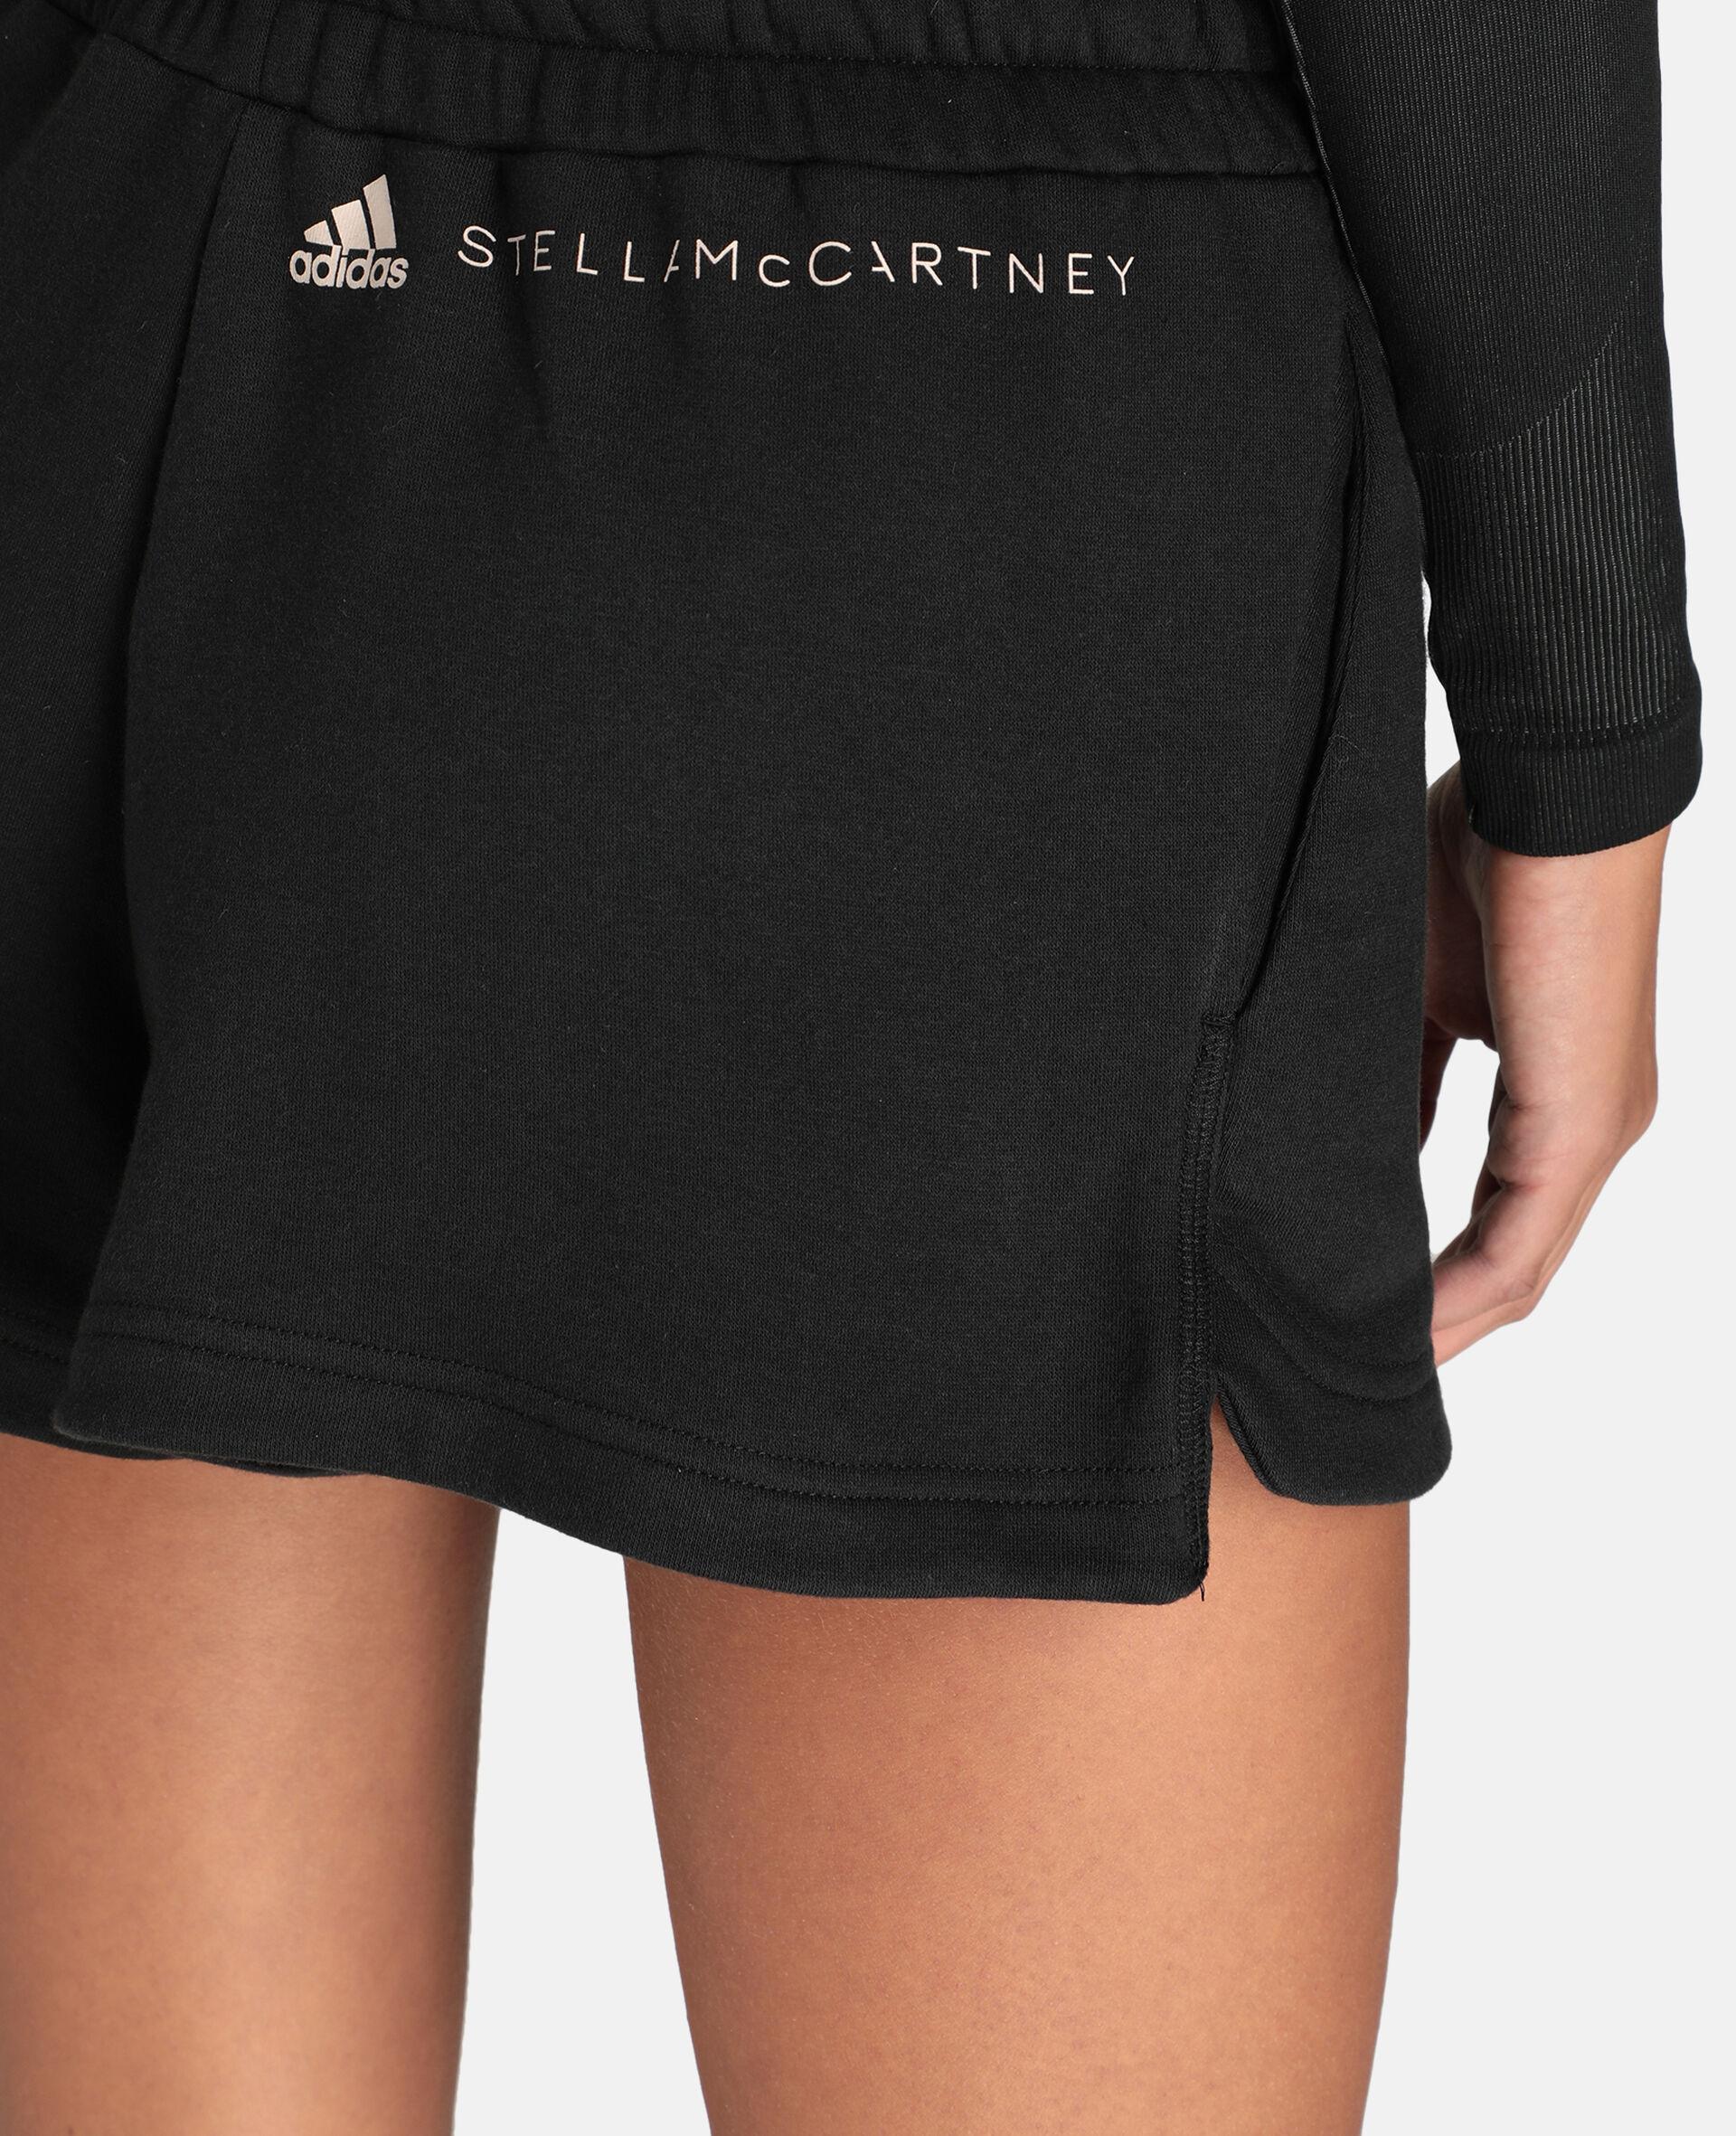 Black Sweat Fleece Short-Black-large image number 3